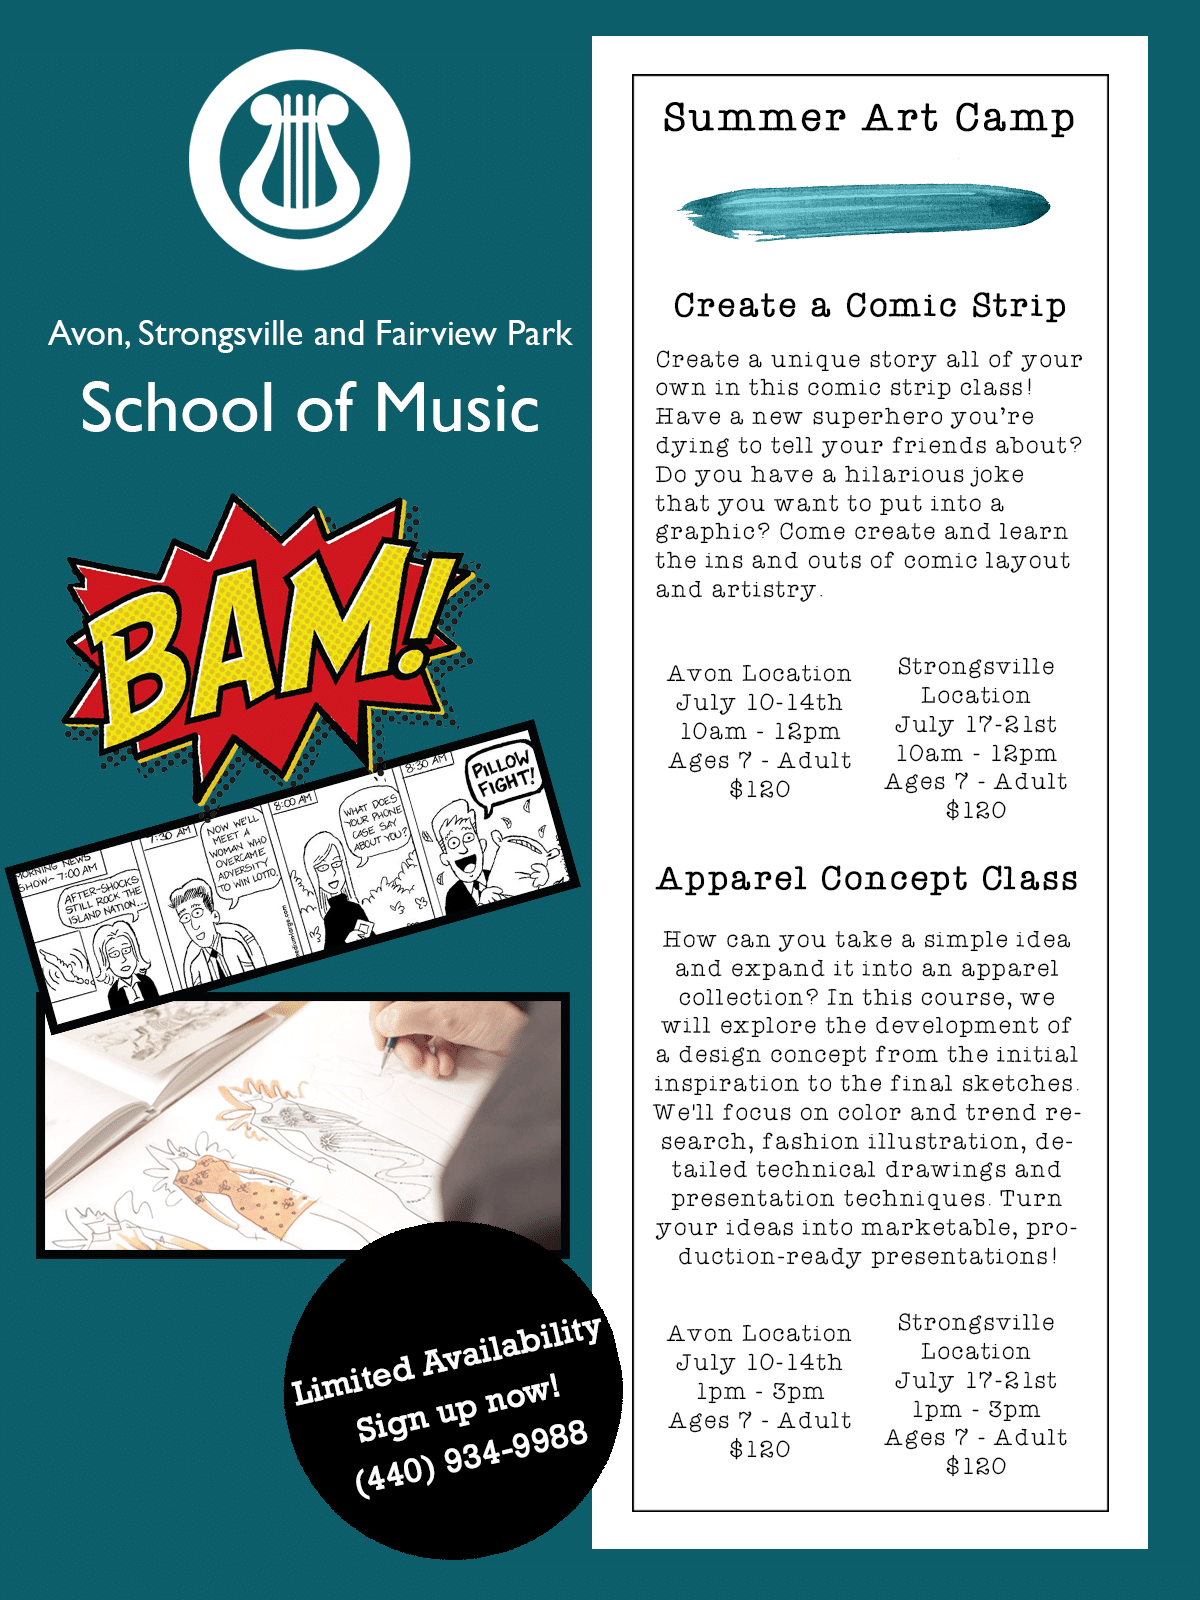 Summer Art Program Ideas